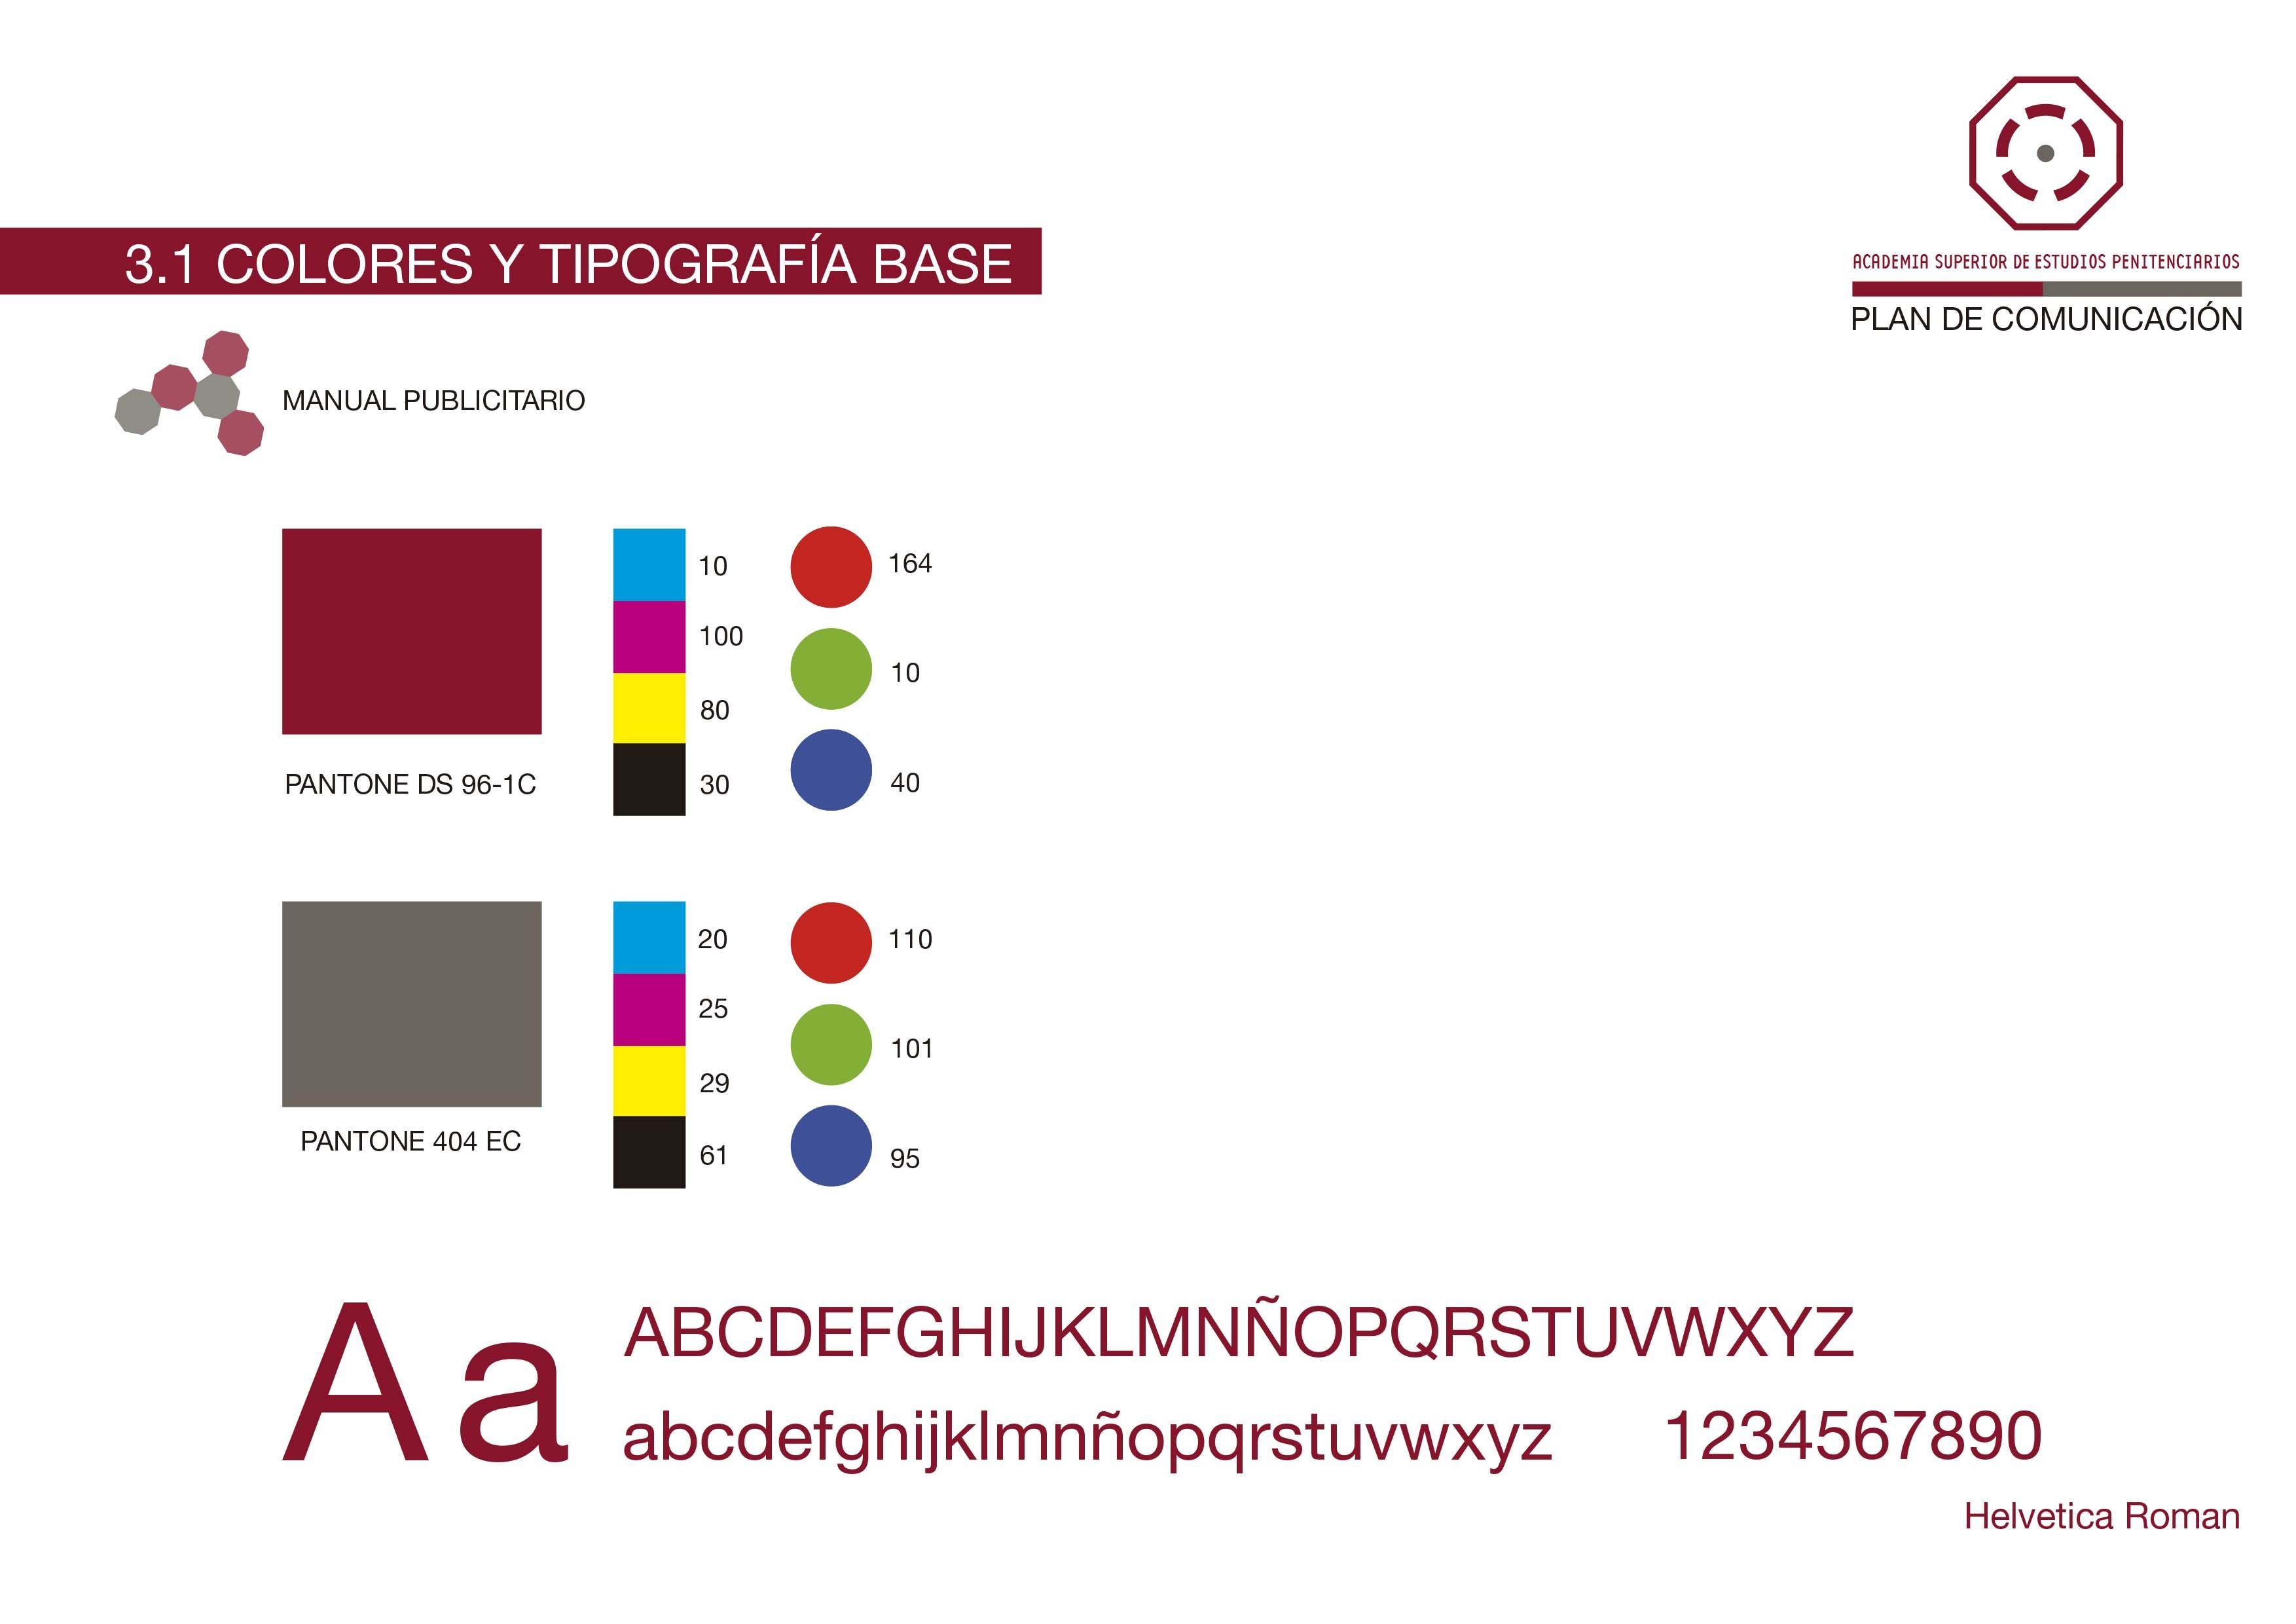 Colores y Tipografia Base